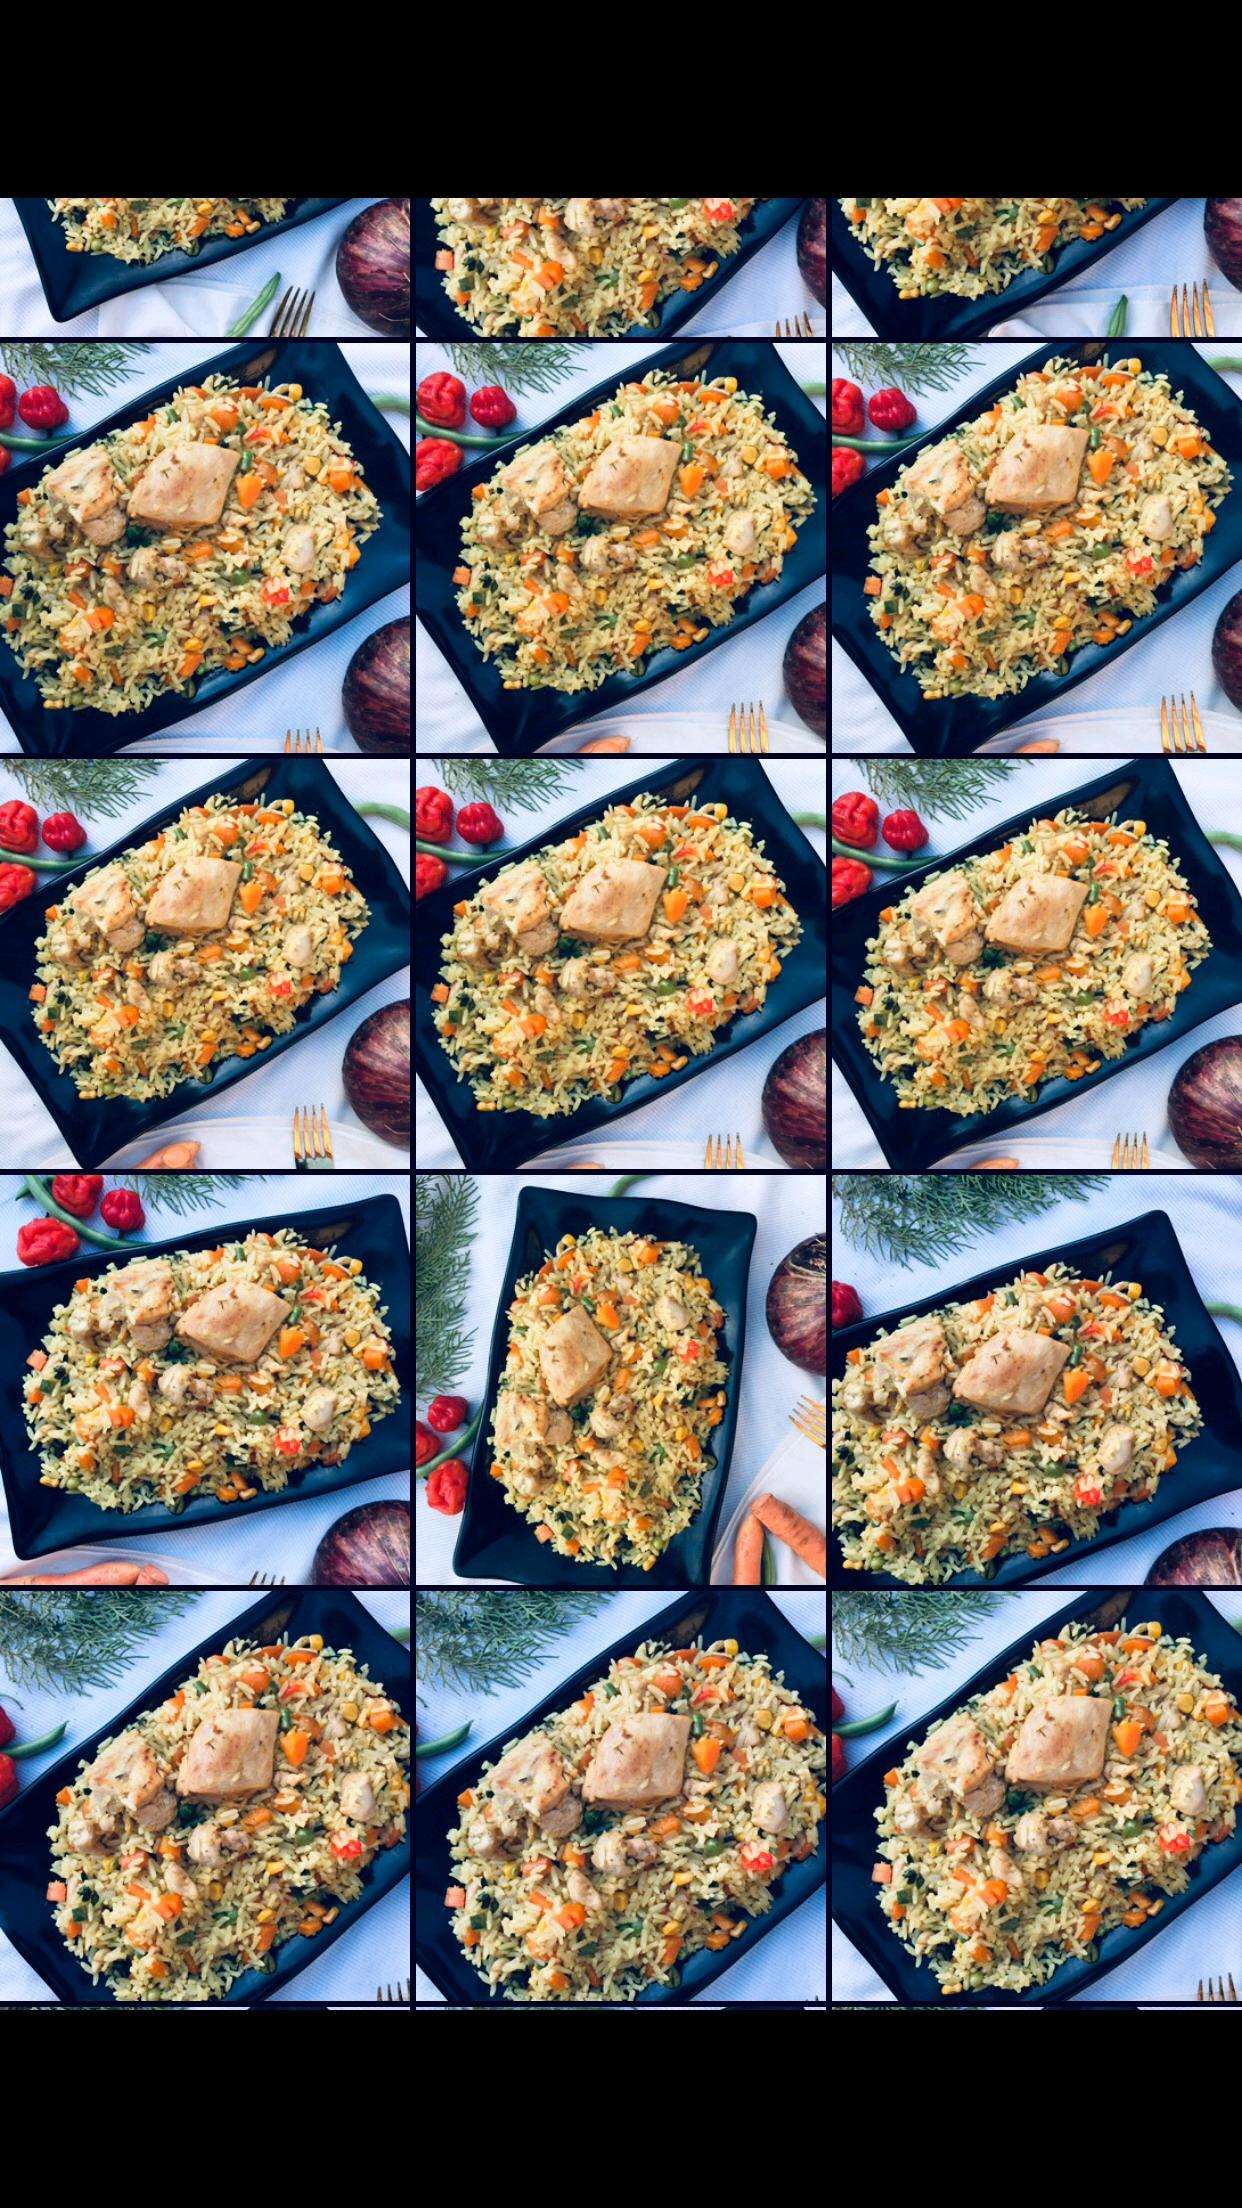 #cookingrecipeHQ.      full view